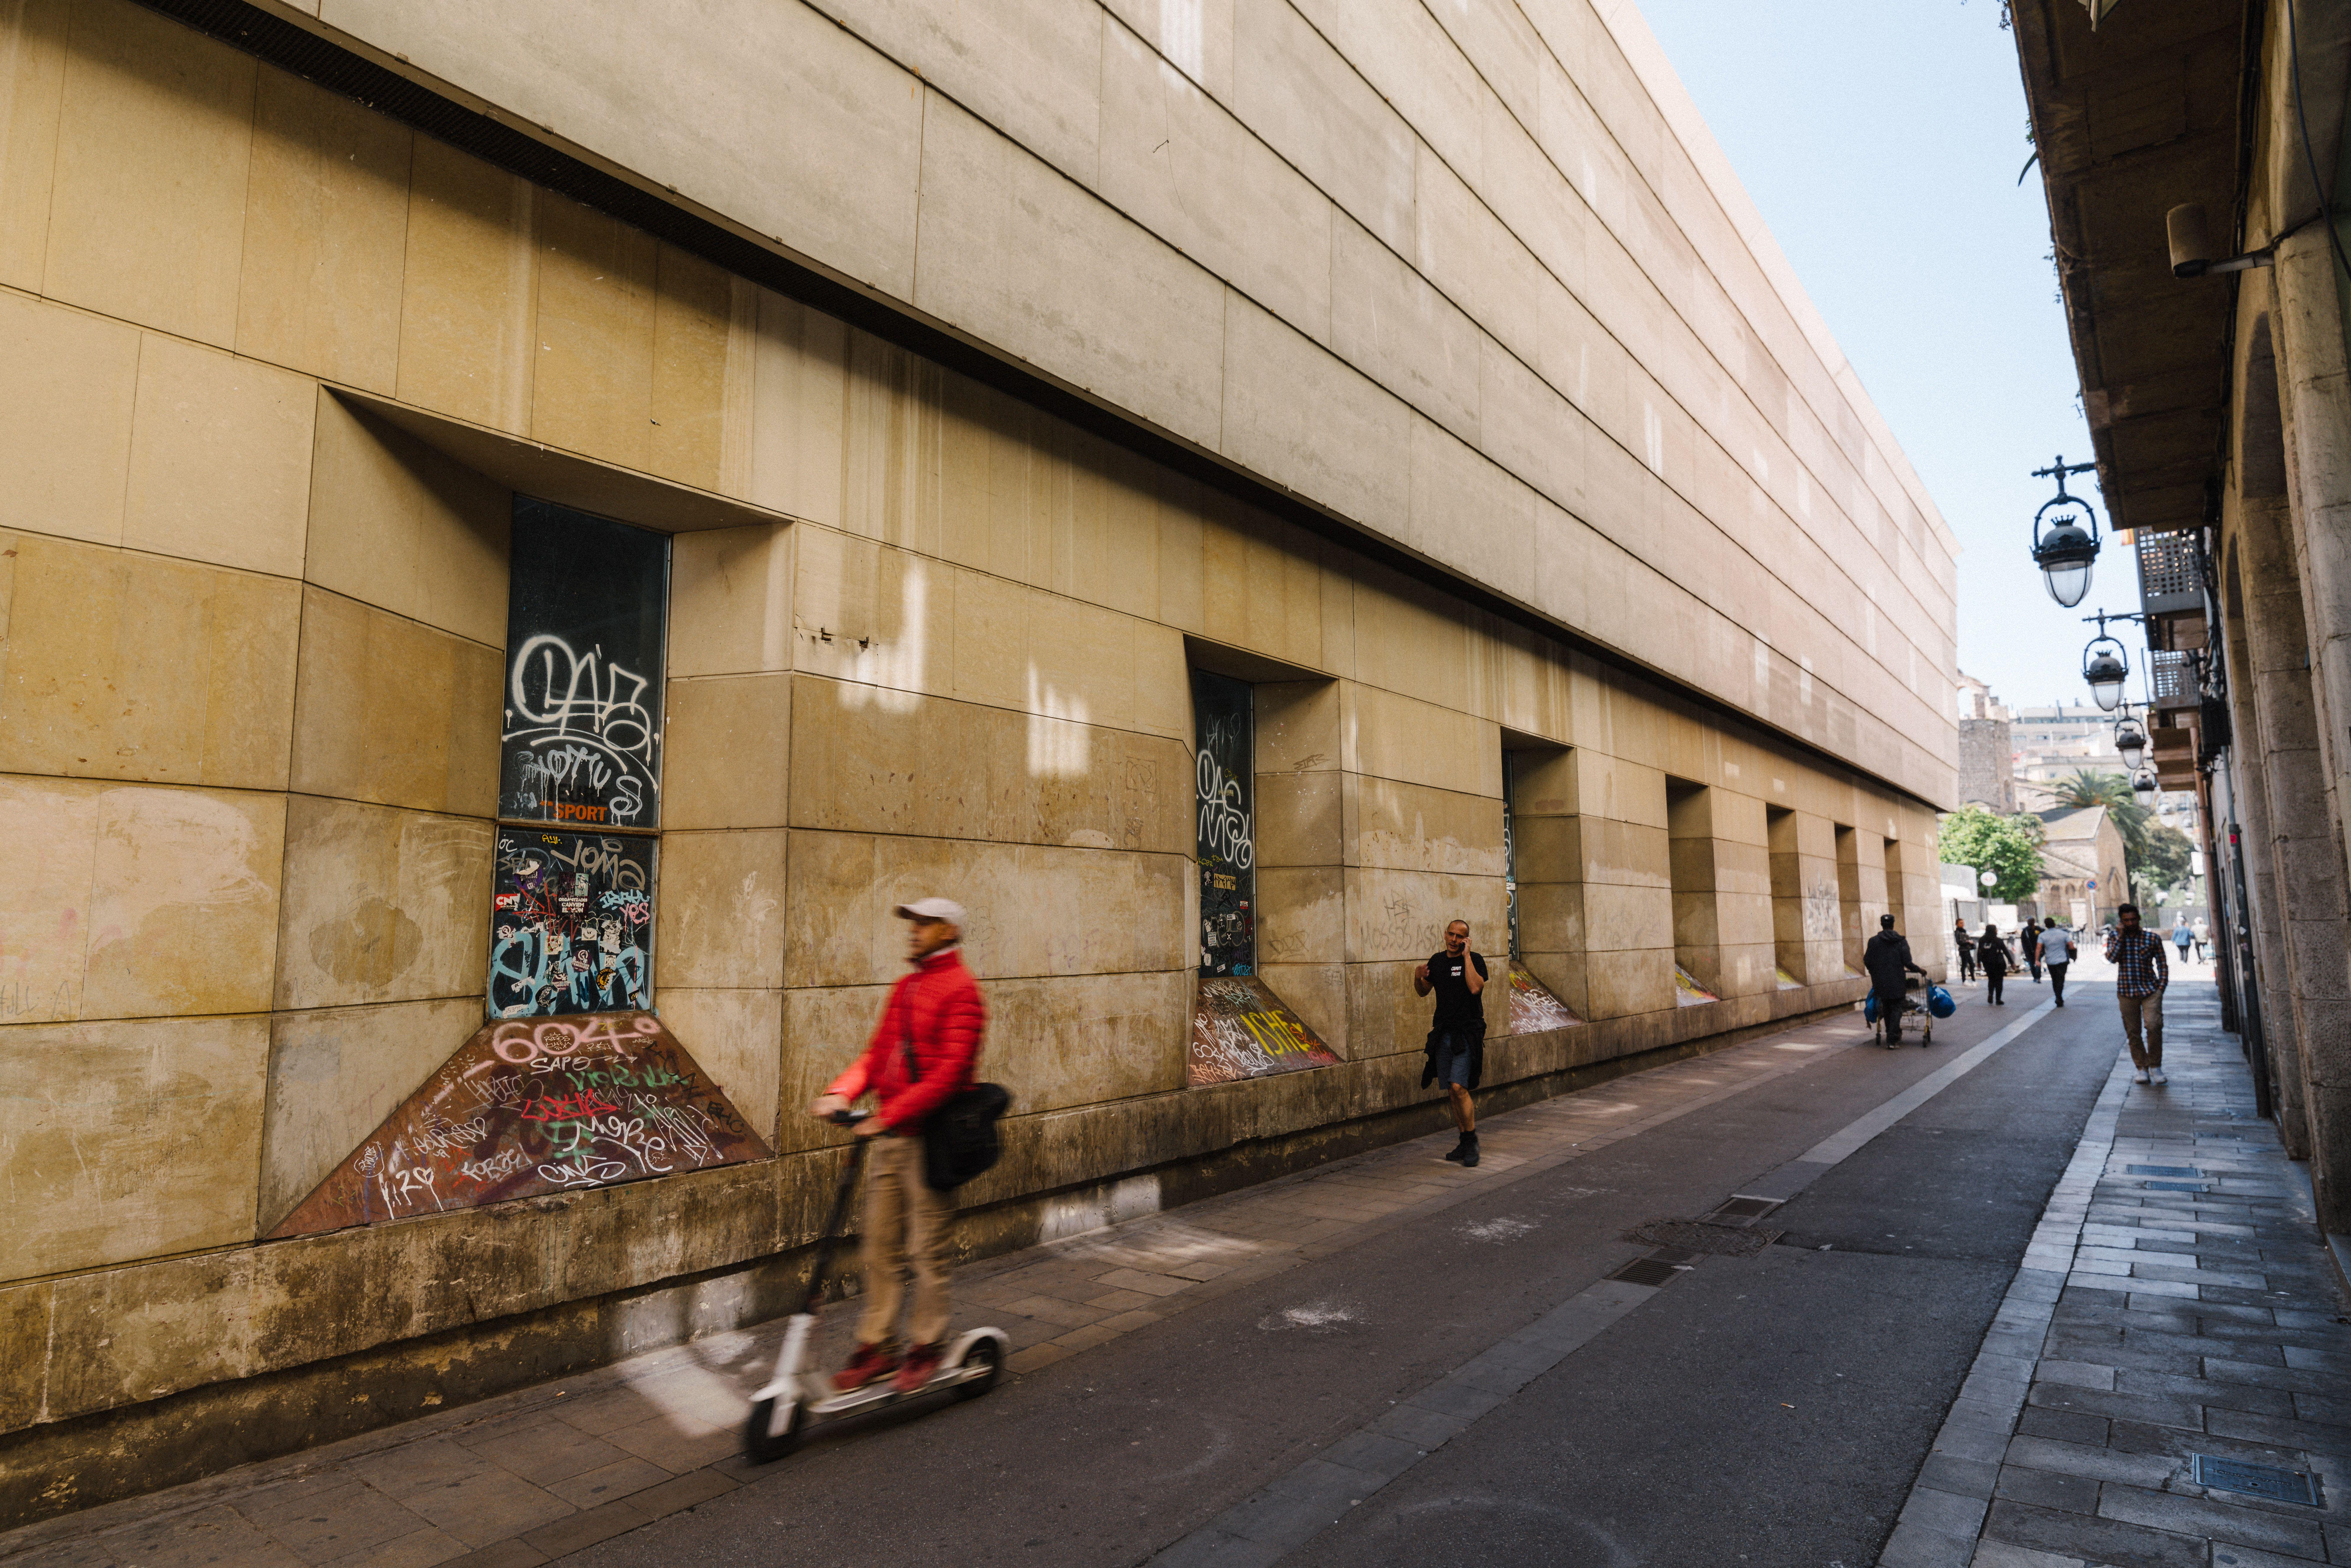 Pedestrians going past street art in an alley